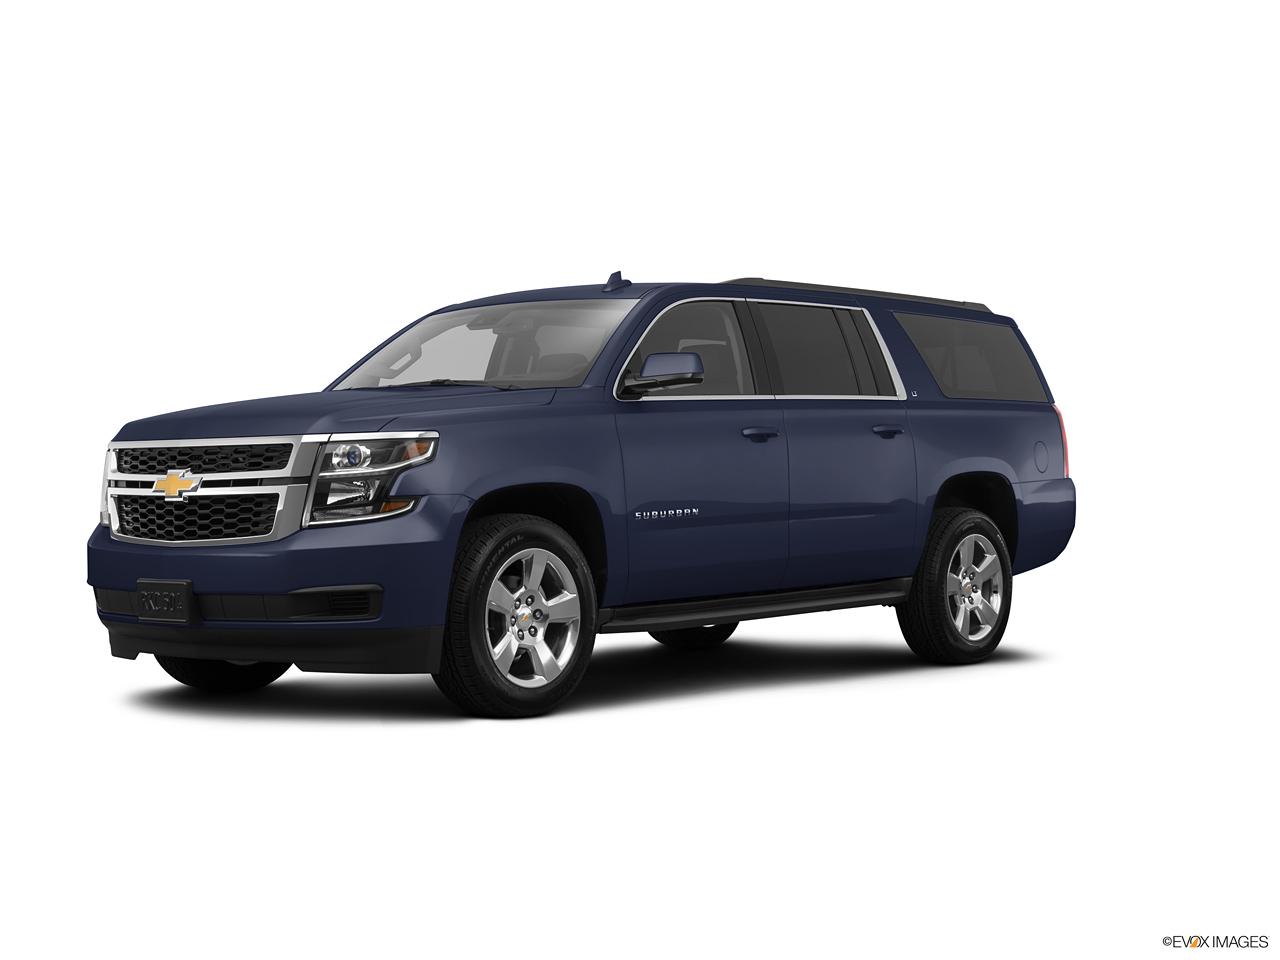 Chevrolet Suburban 2017 5 3l Lt 4wd In Kuwait New Car